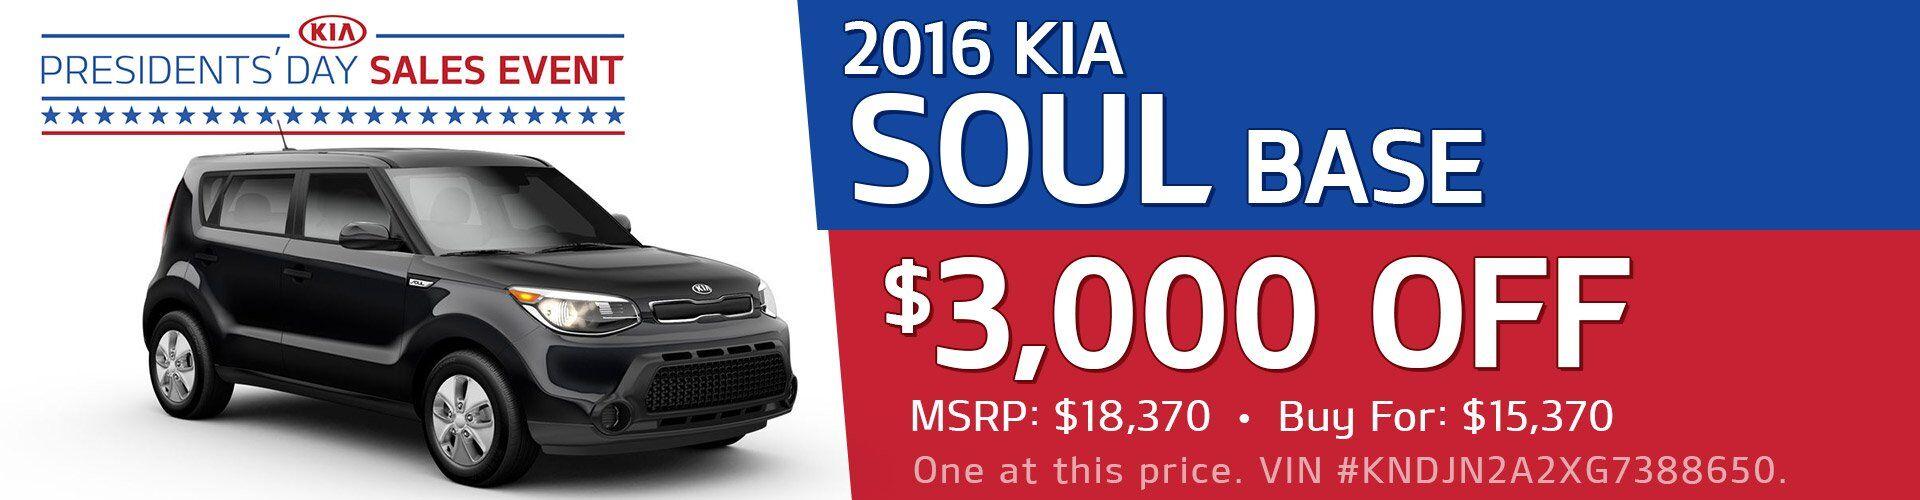 2016 Kia Soul Base